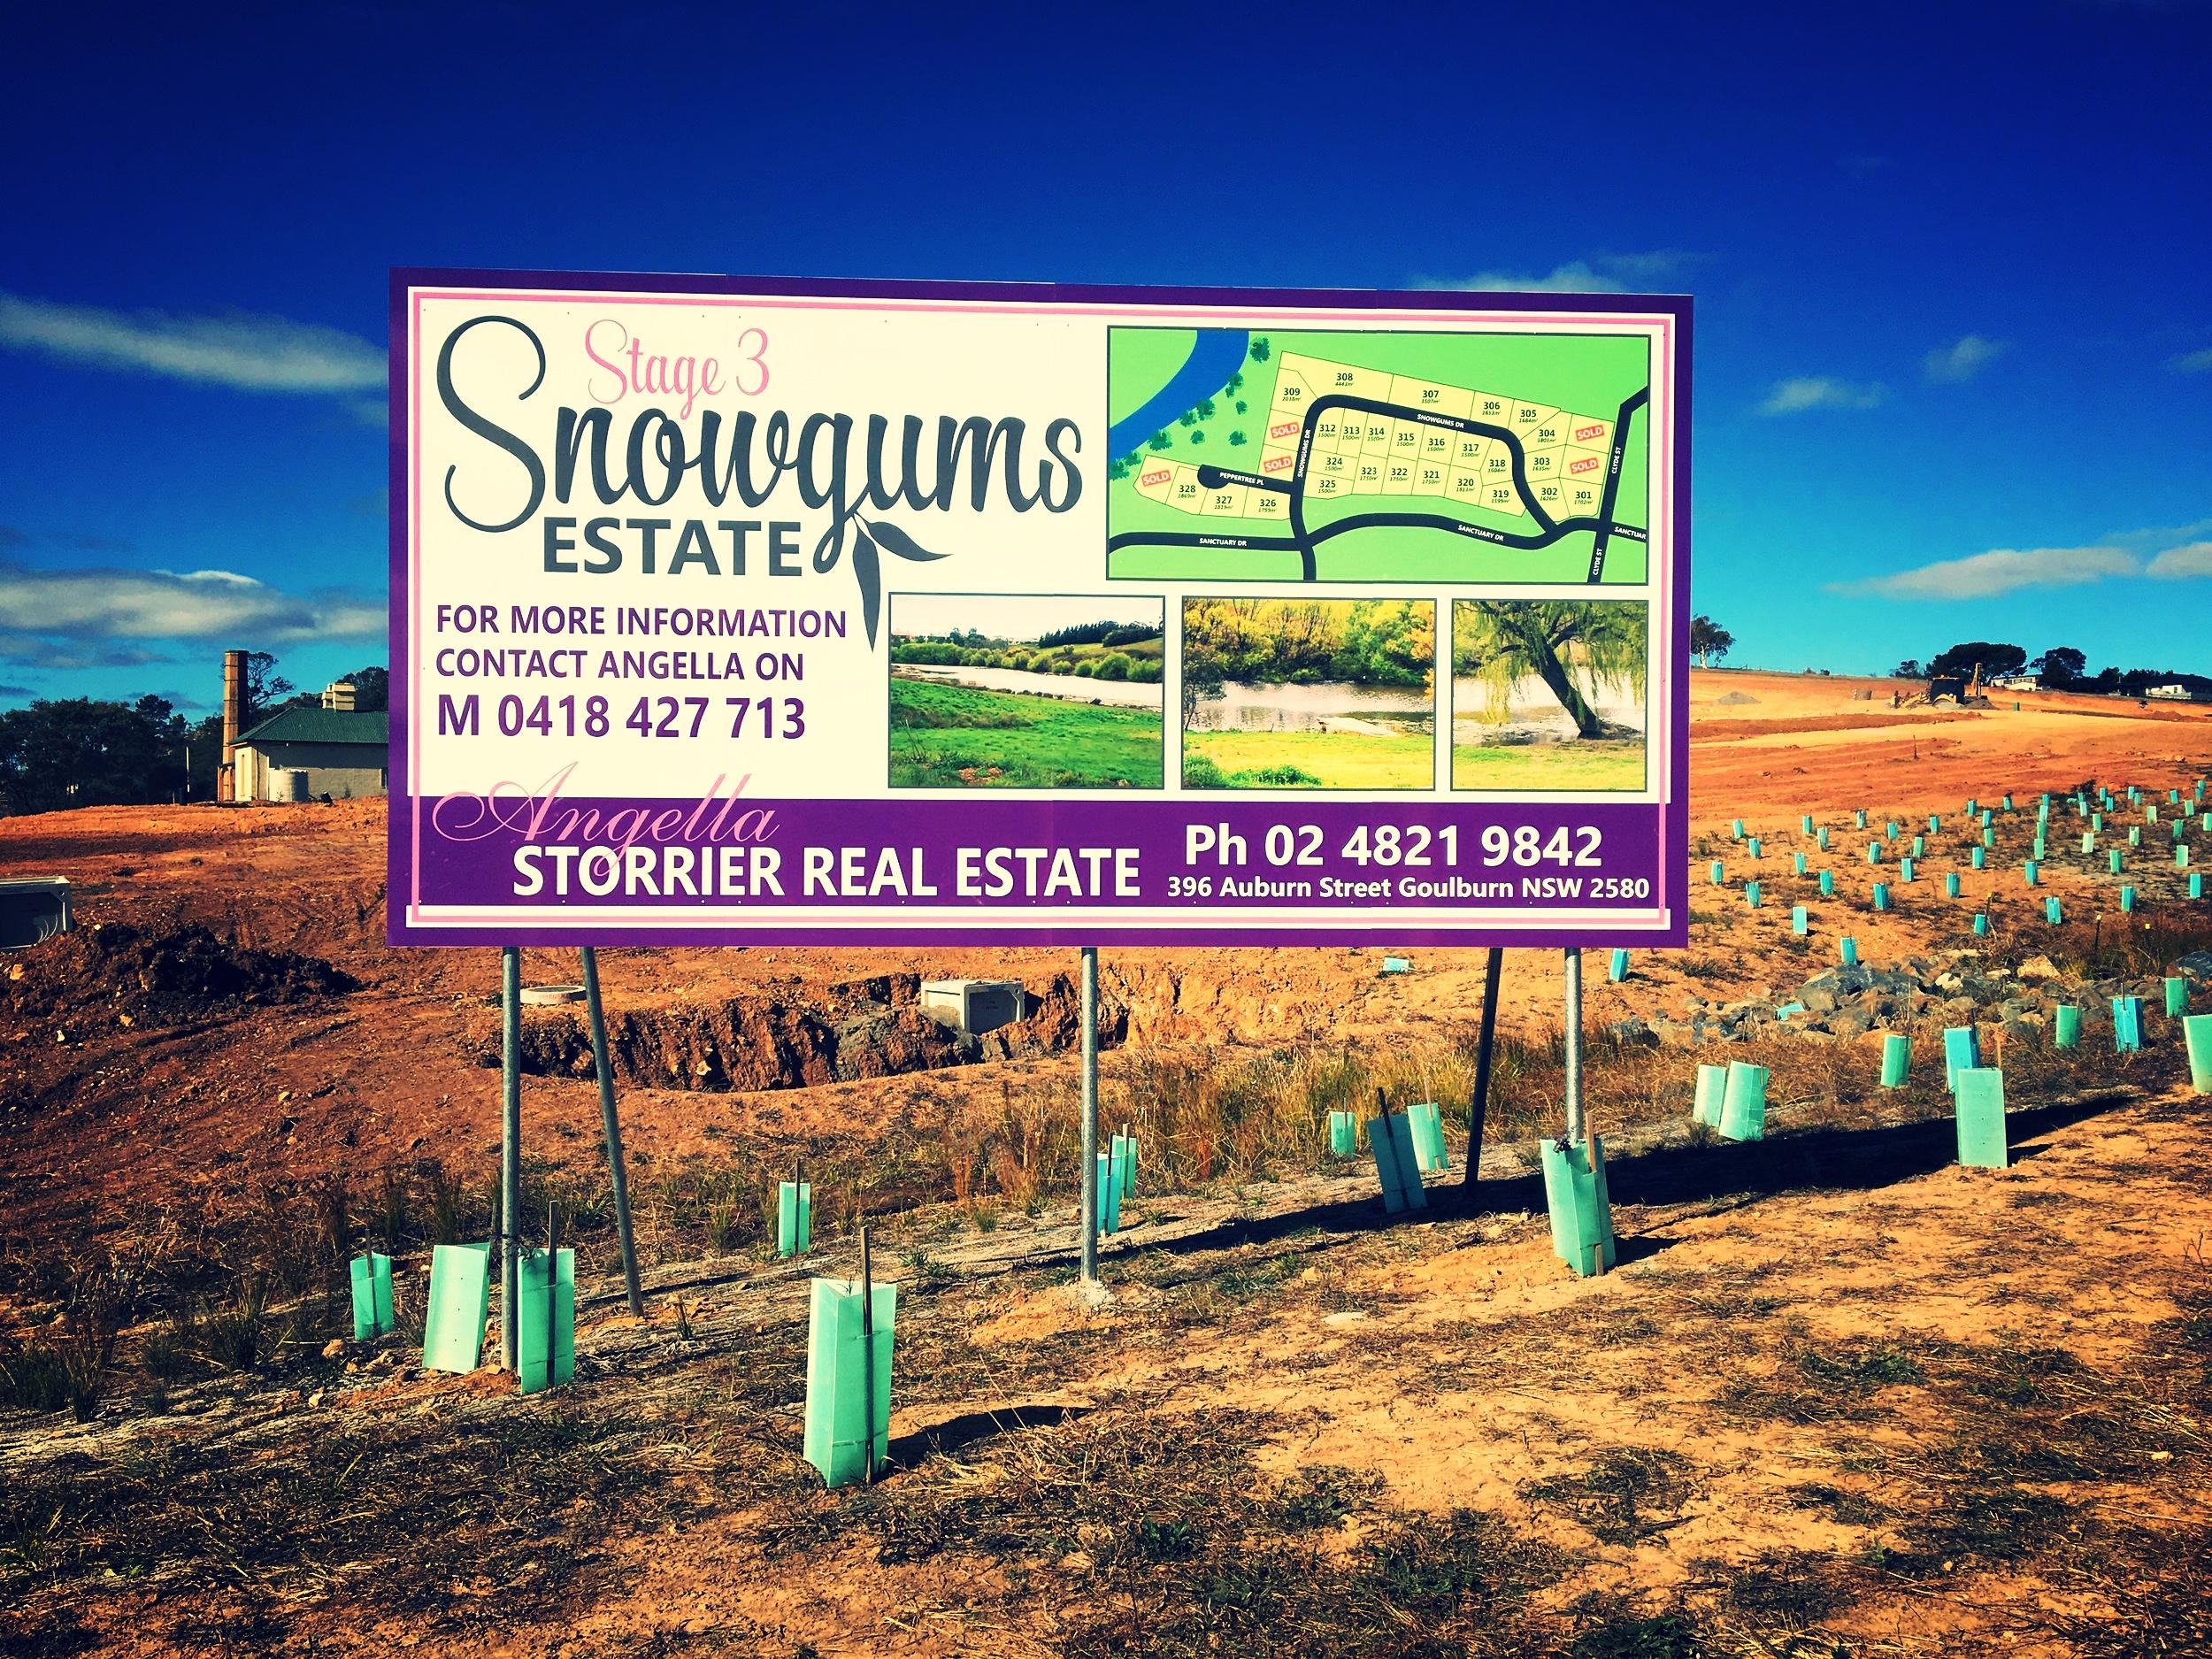 Storrier Real Estate Goulburn